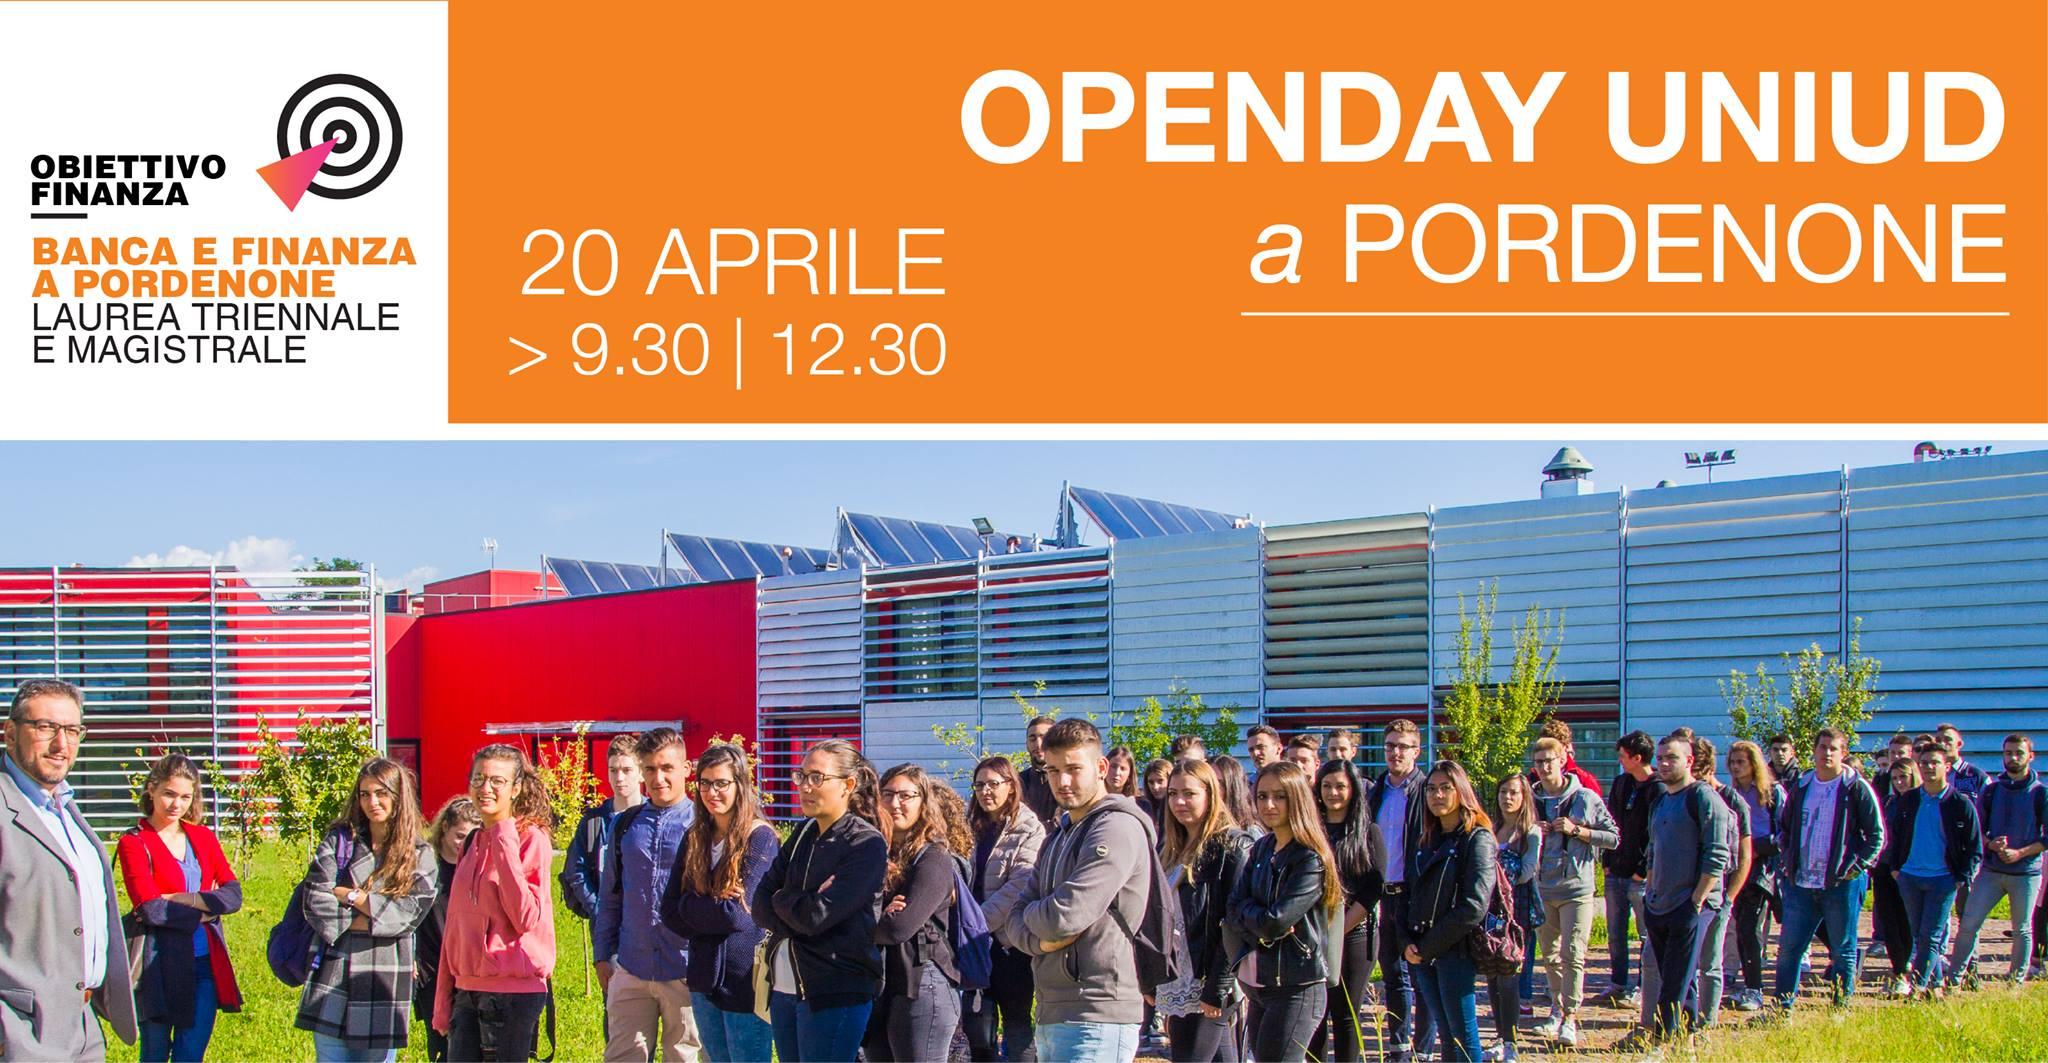 #Open Uniud Sede di Pordenone il 20 Aprile 2018